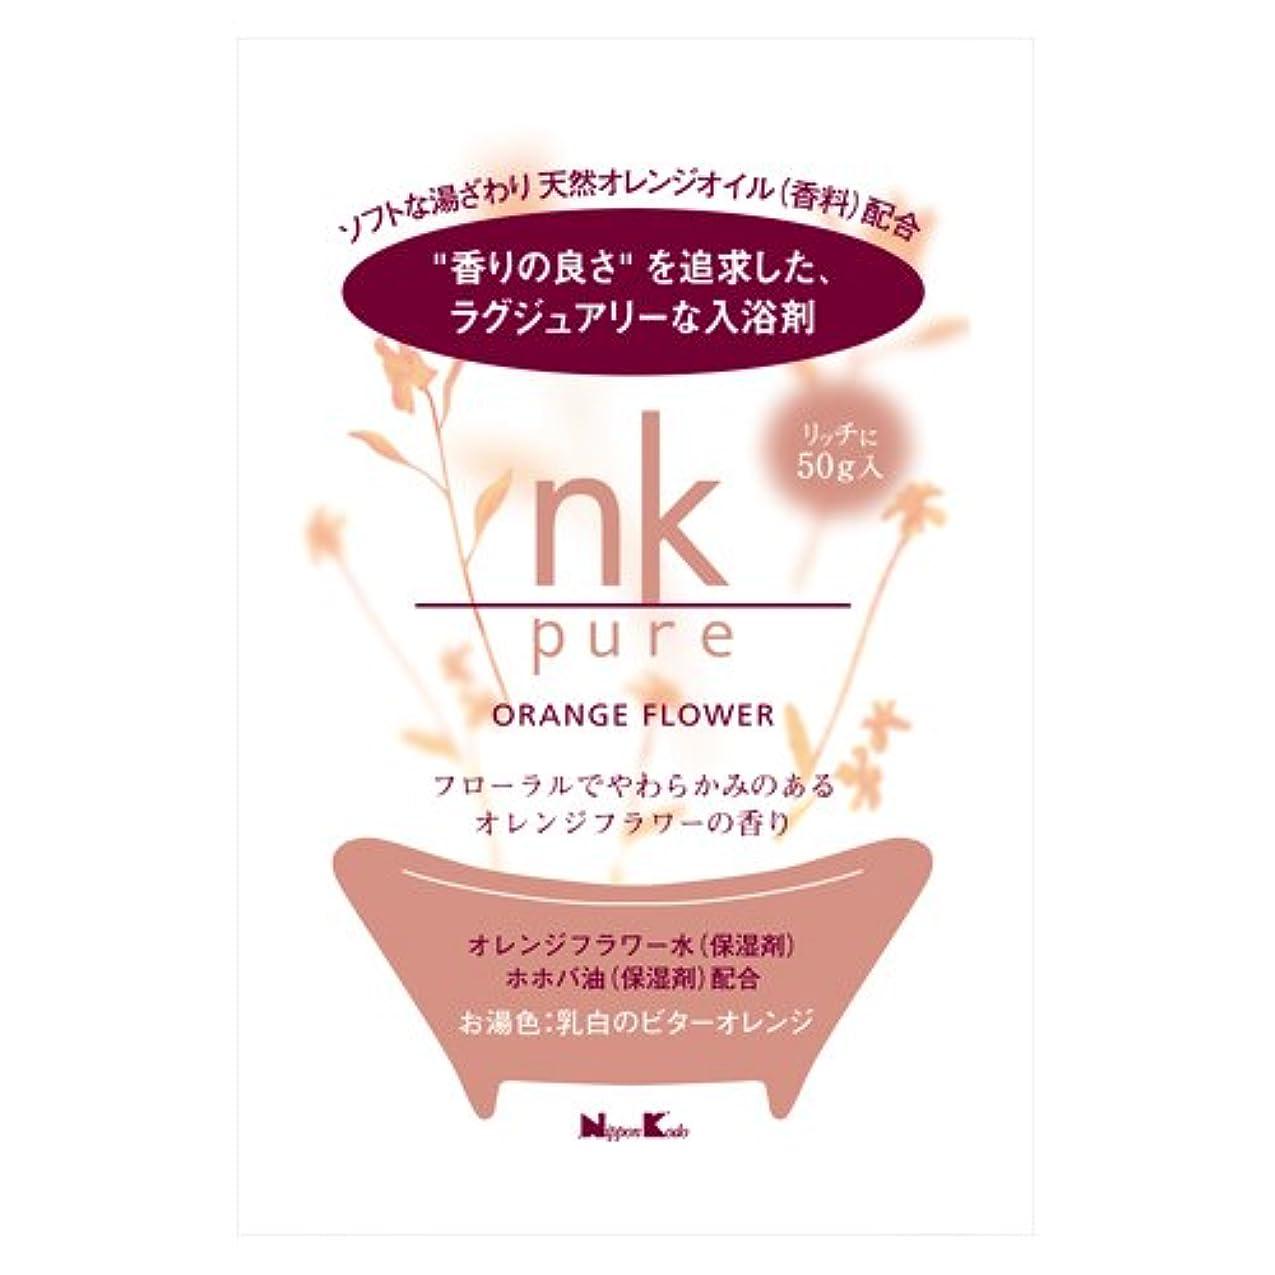 ヘルシー季節経由で【X10個セット】 nk pure 入浴剤 オレンジフラワー 50g